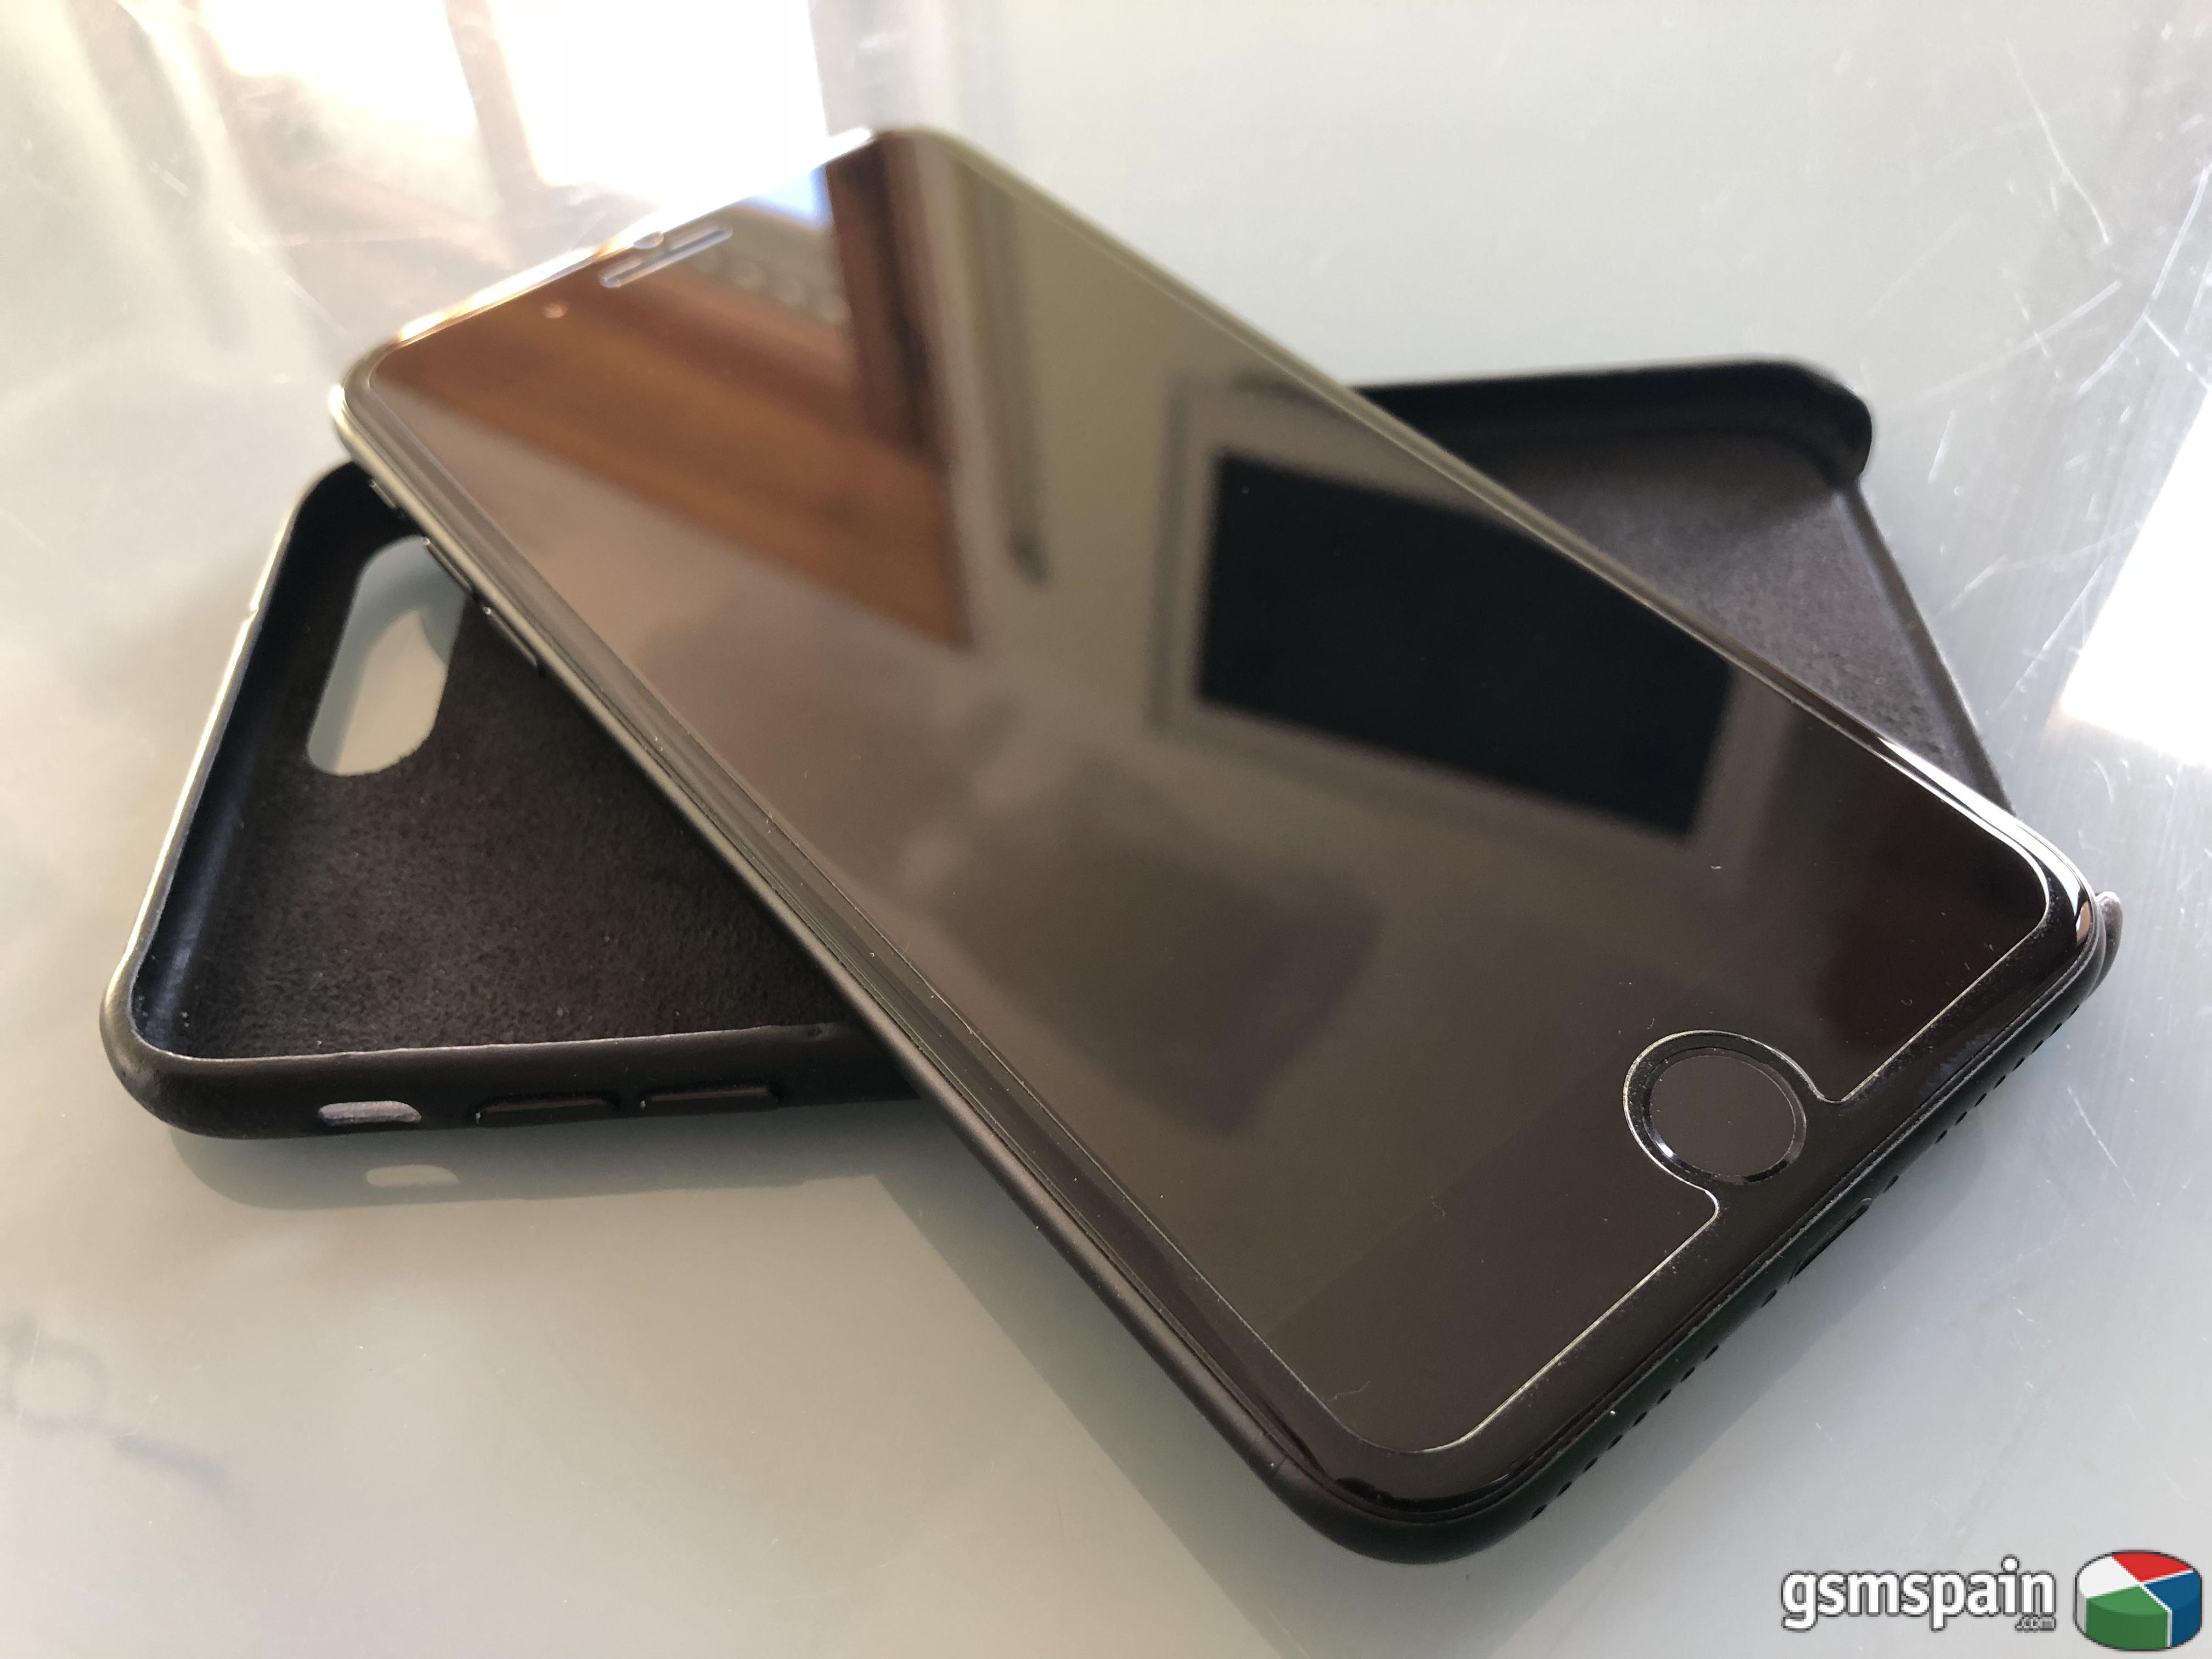 [VENDO] iPhone 7 Plus black 128 gb